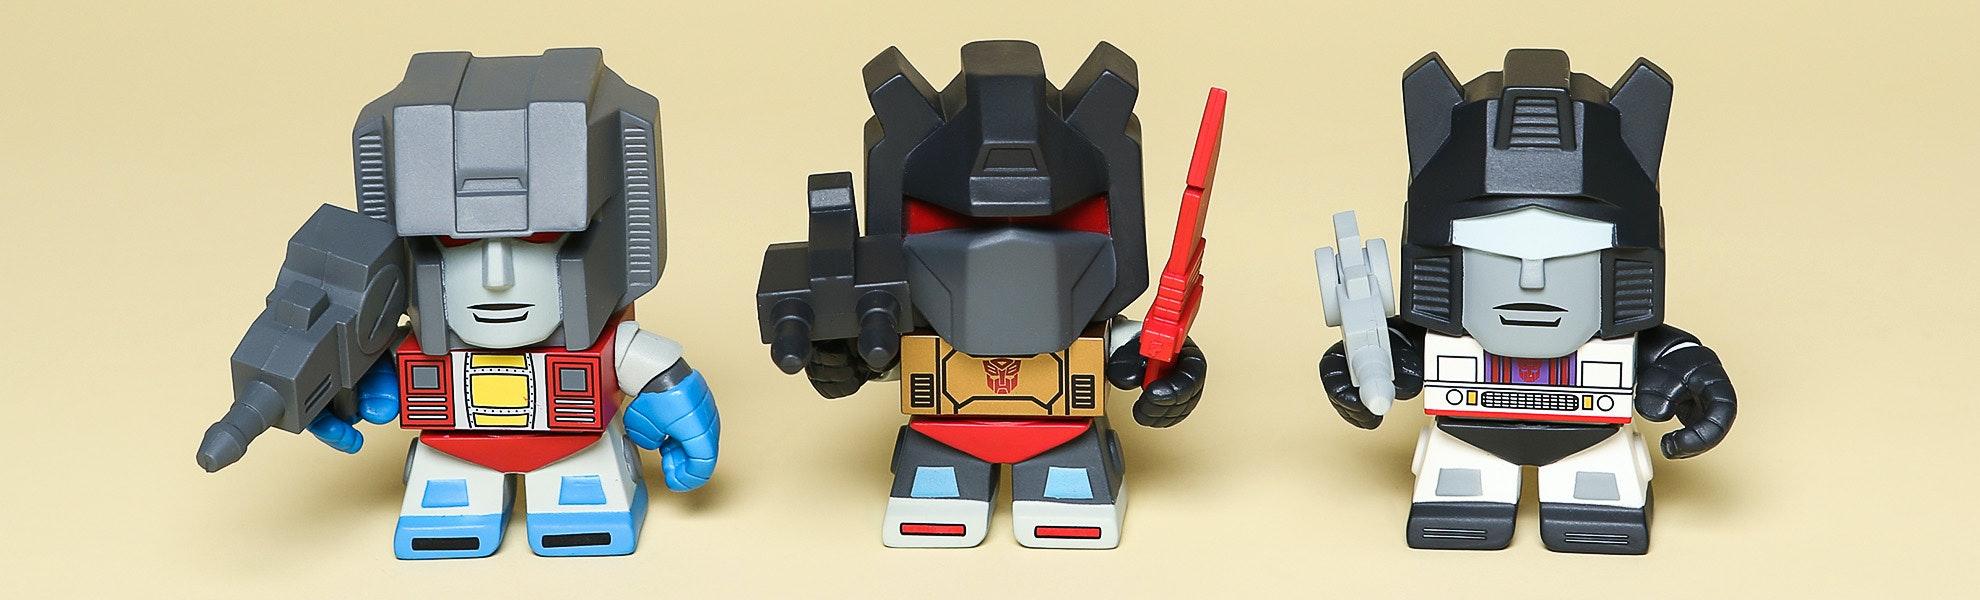 Transformers Series 1 Blind Box Vinyl Figures